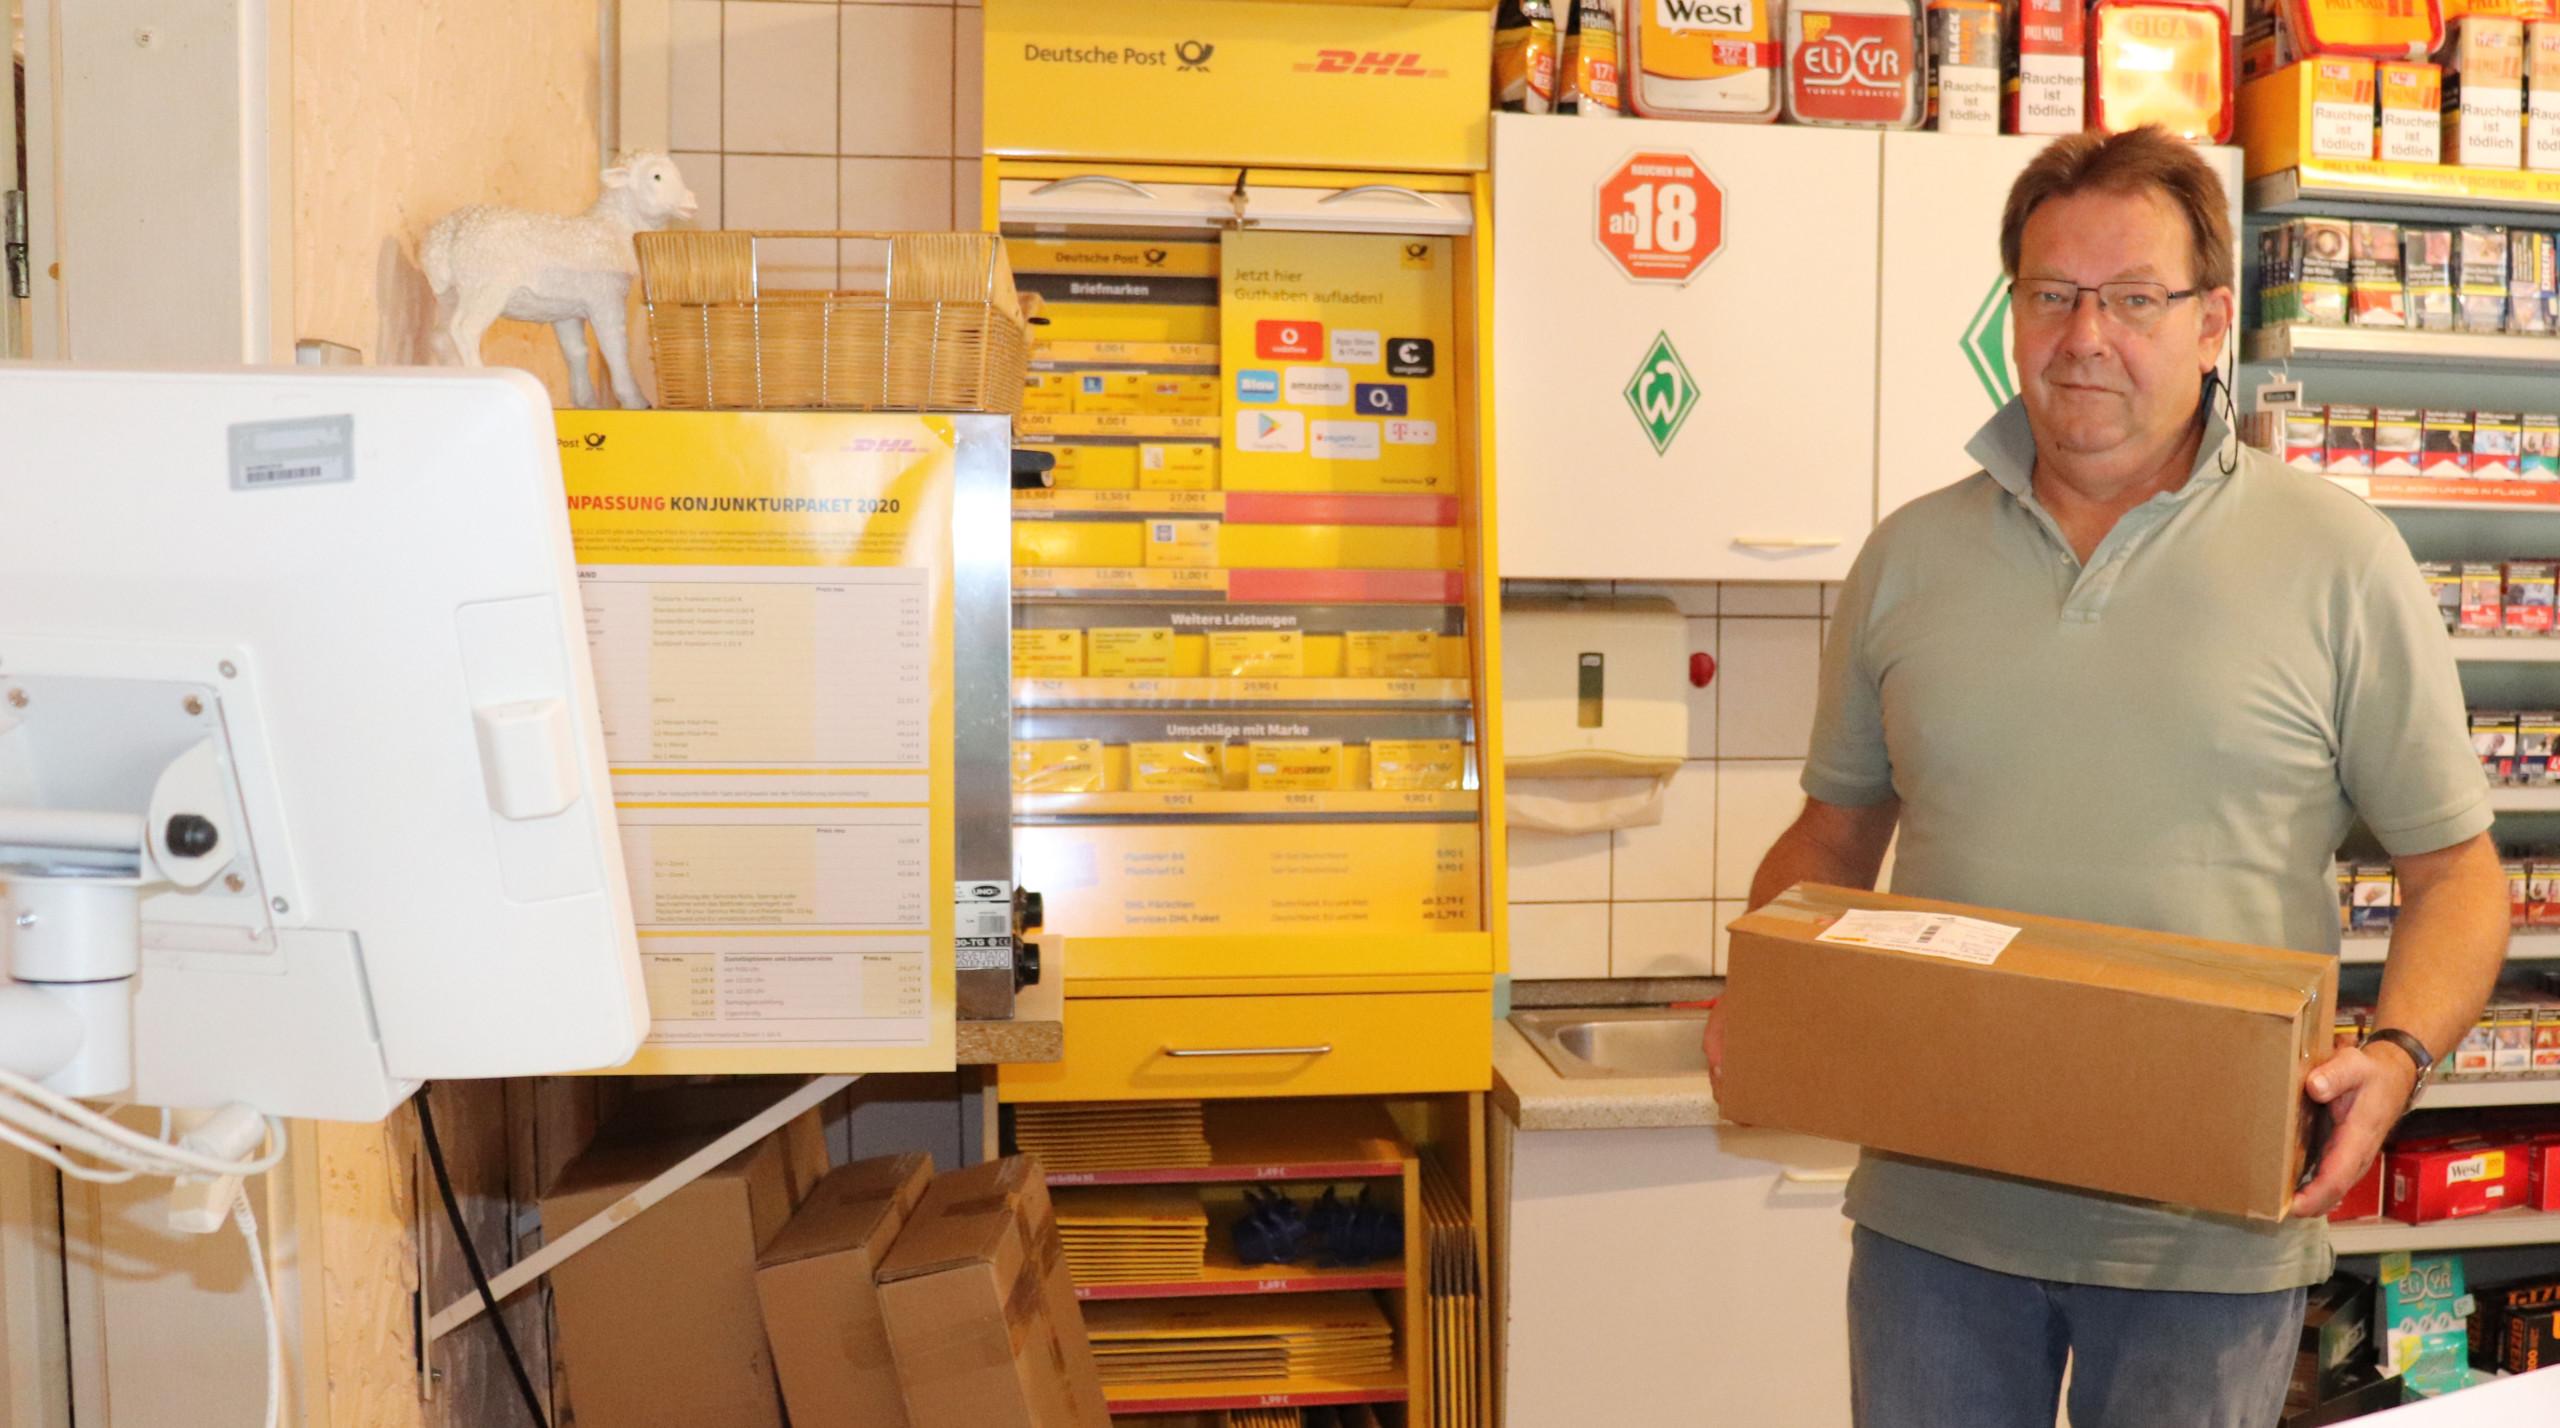 Wolfgang Ziegler freut sich, dass in seinem Kiosk in Elisabethfehn nun die Filiale der Deutschen Post zuhause ist. Aufnahme: Gemeinde Barßel